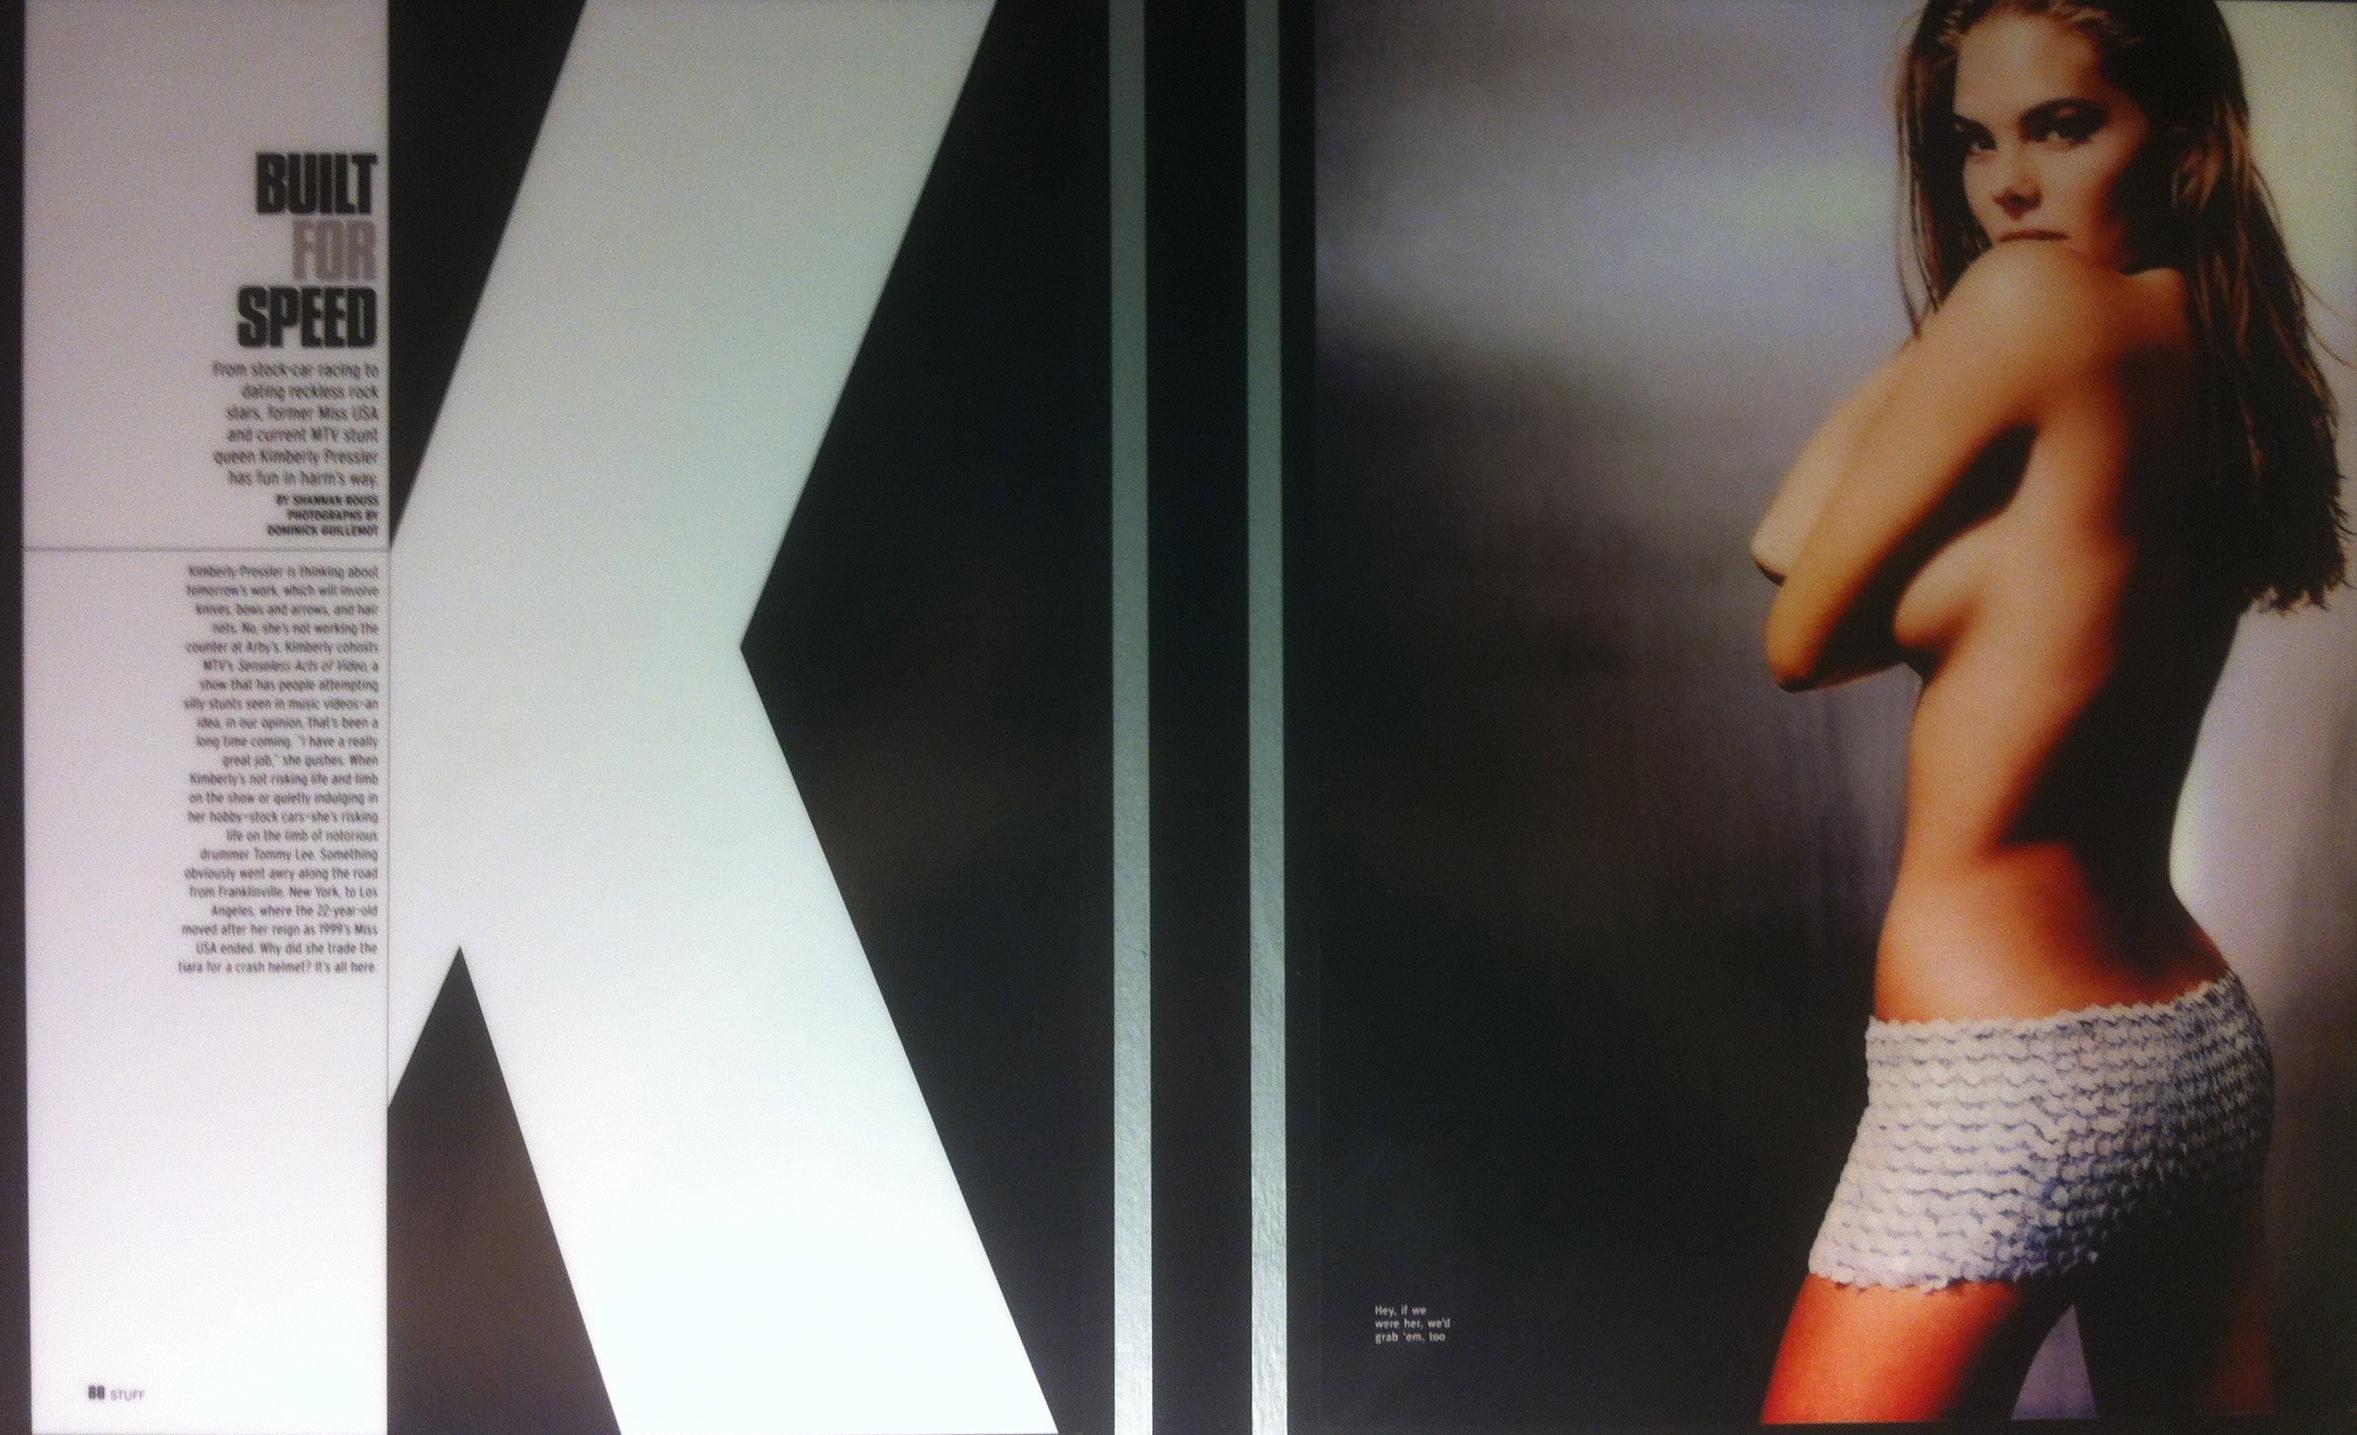 STUFF Magazine Page 1 & 2